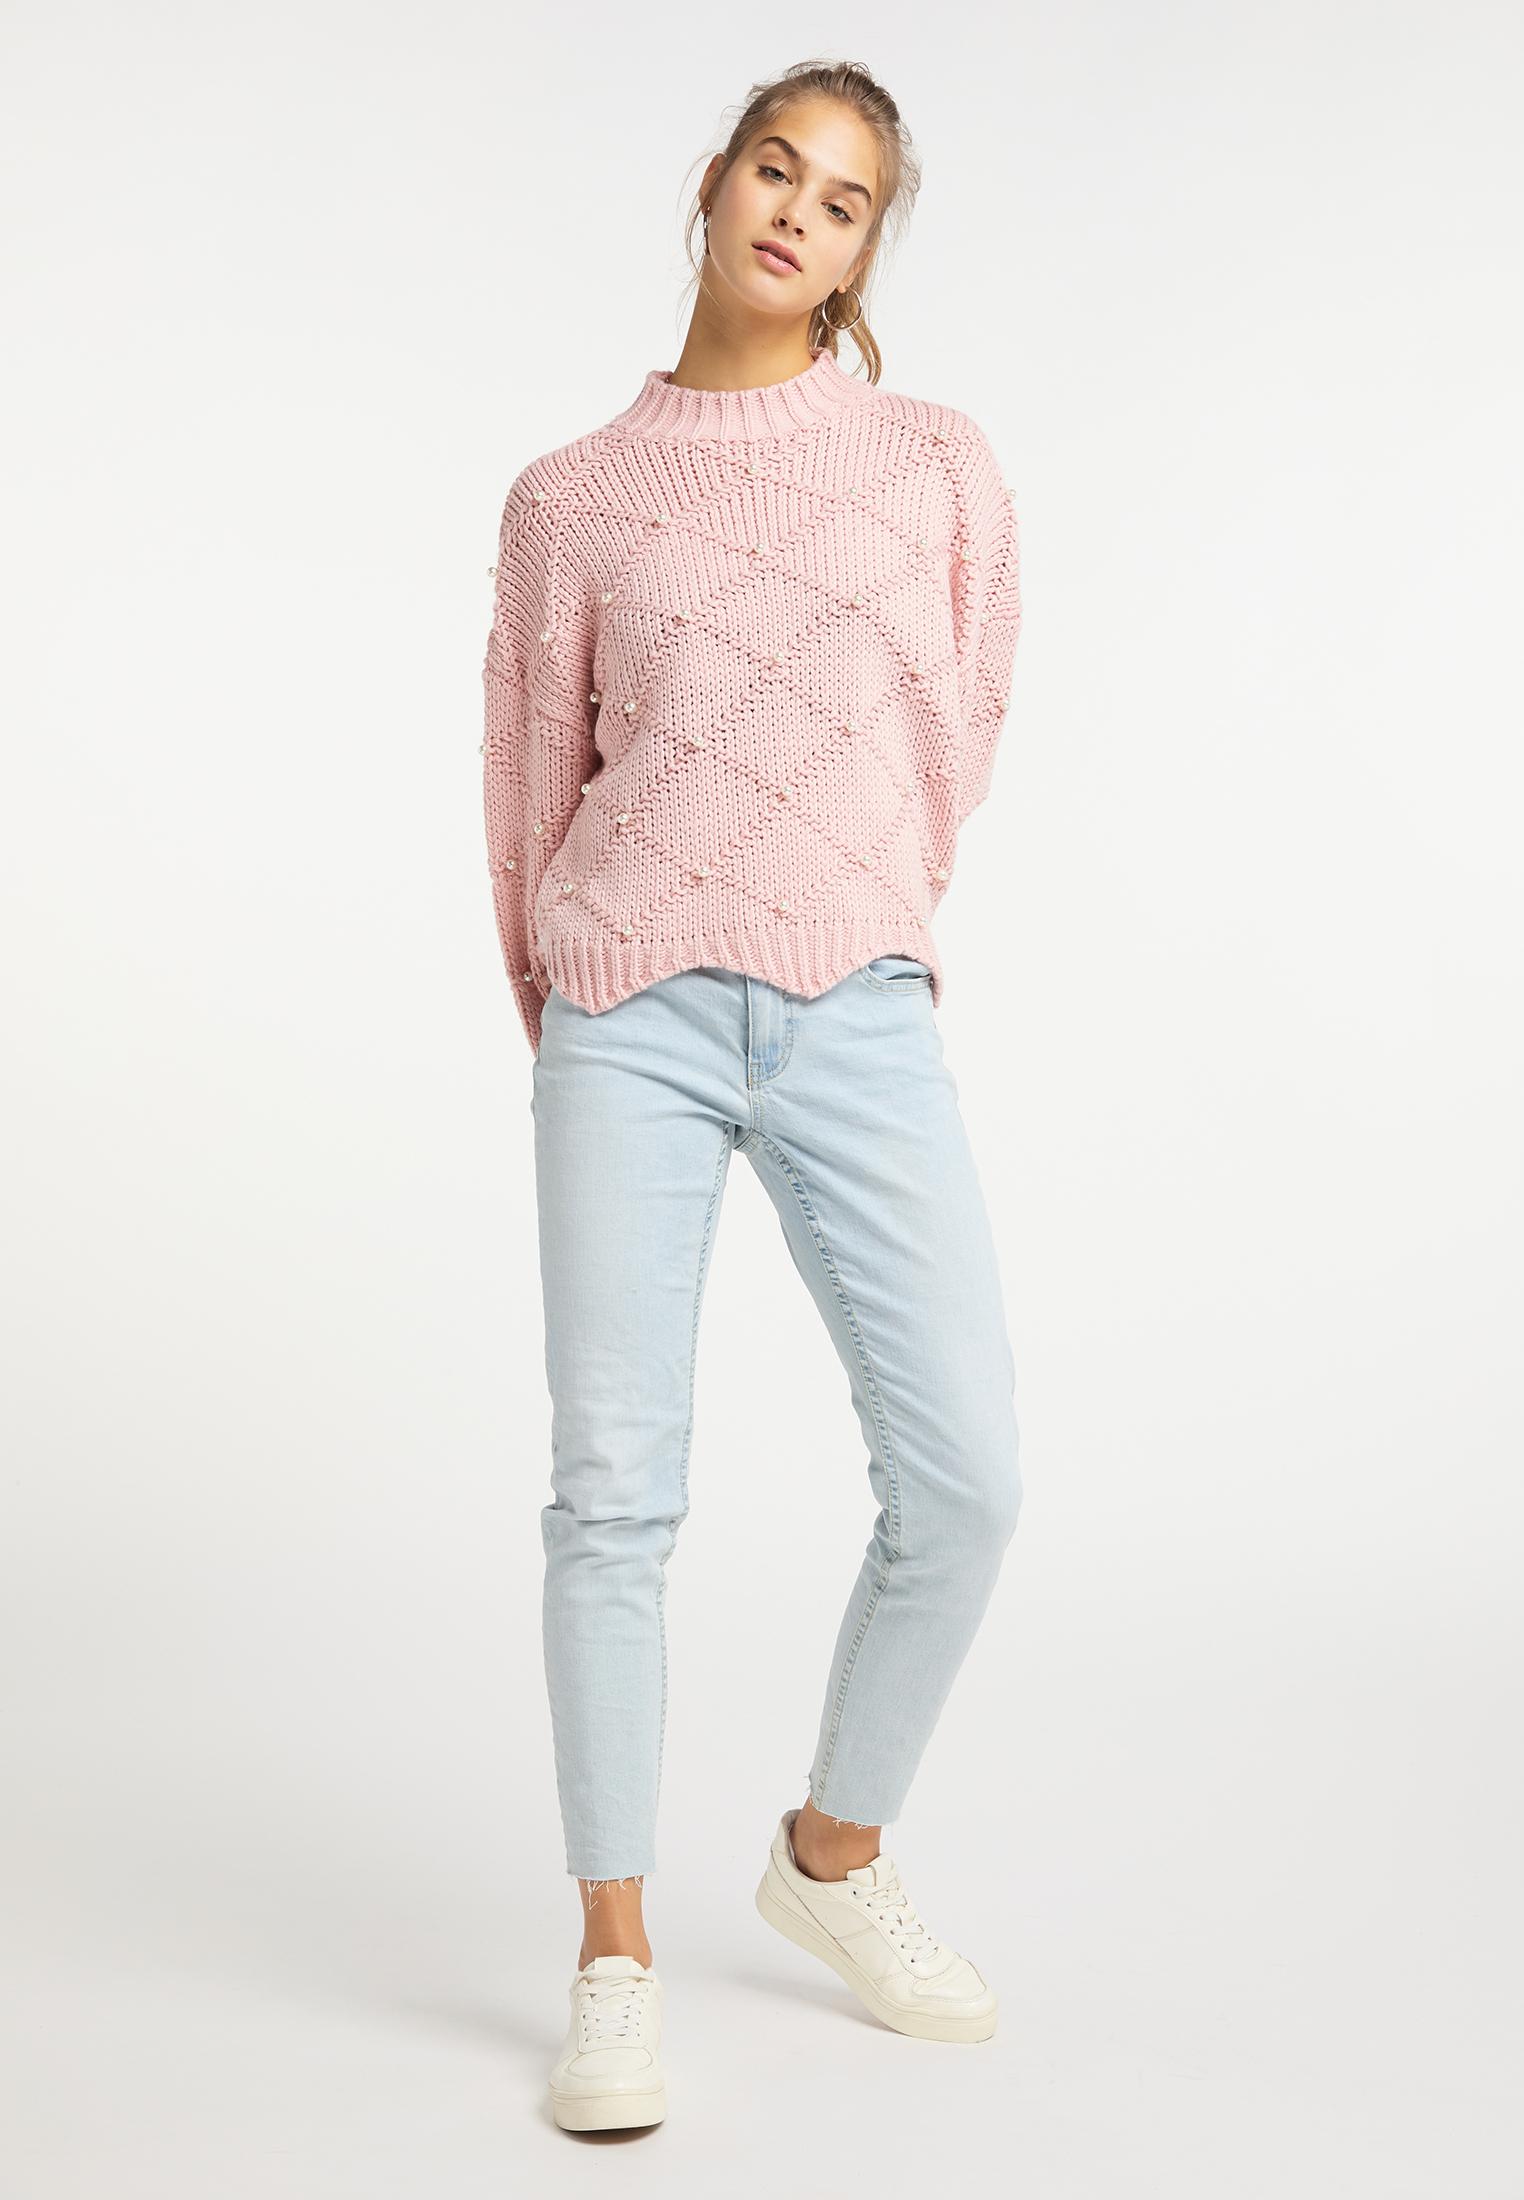 MyMo Pullover in rosa günstig kaufen